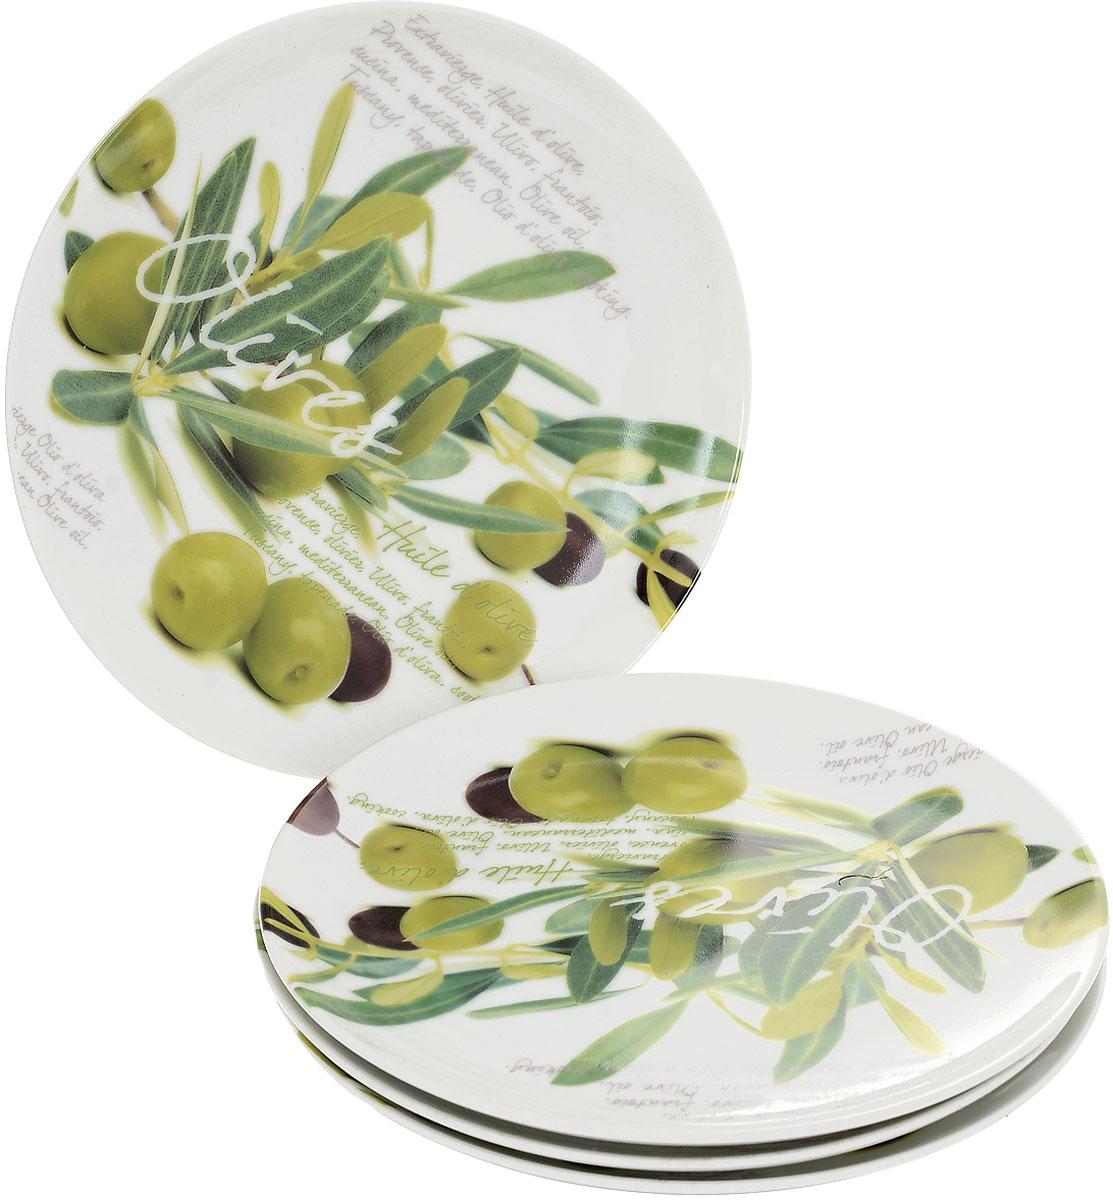 Набор тарелок Nuova R2S Оливки, диаметр 20 см, 4 шт11390_вид 2Набор Nuova R2S Оливки состоит из четырех тарелок, выполненных из высококачественного фарфора. Изделия декорированы красочными изображением оливок. Такой набор изящно украсит сервировку стола и порадует вас дизайном.